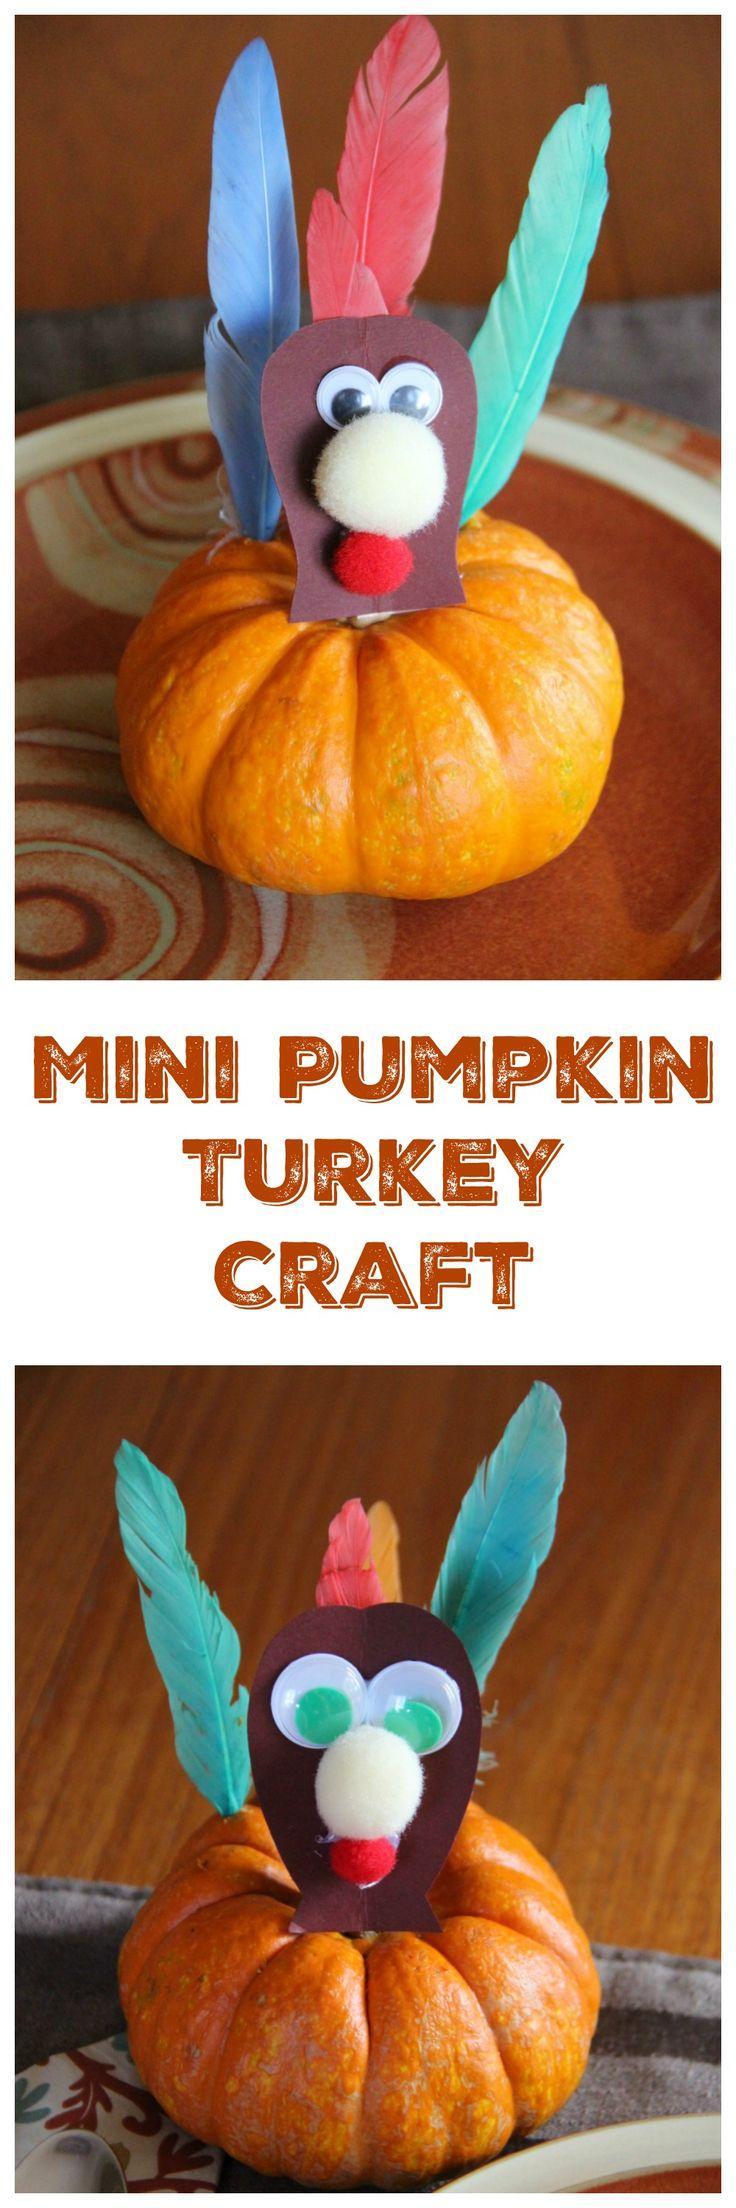 Mini Pumpkin Turkey Craft